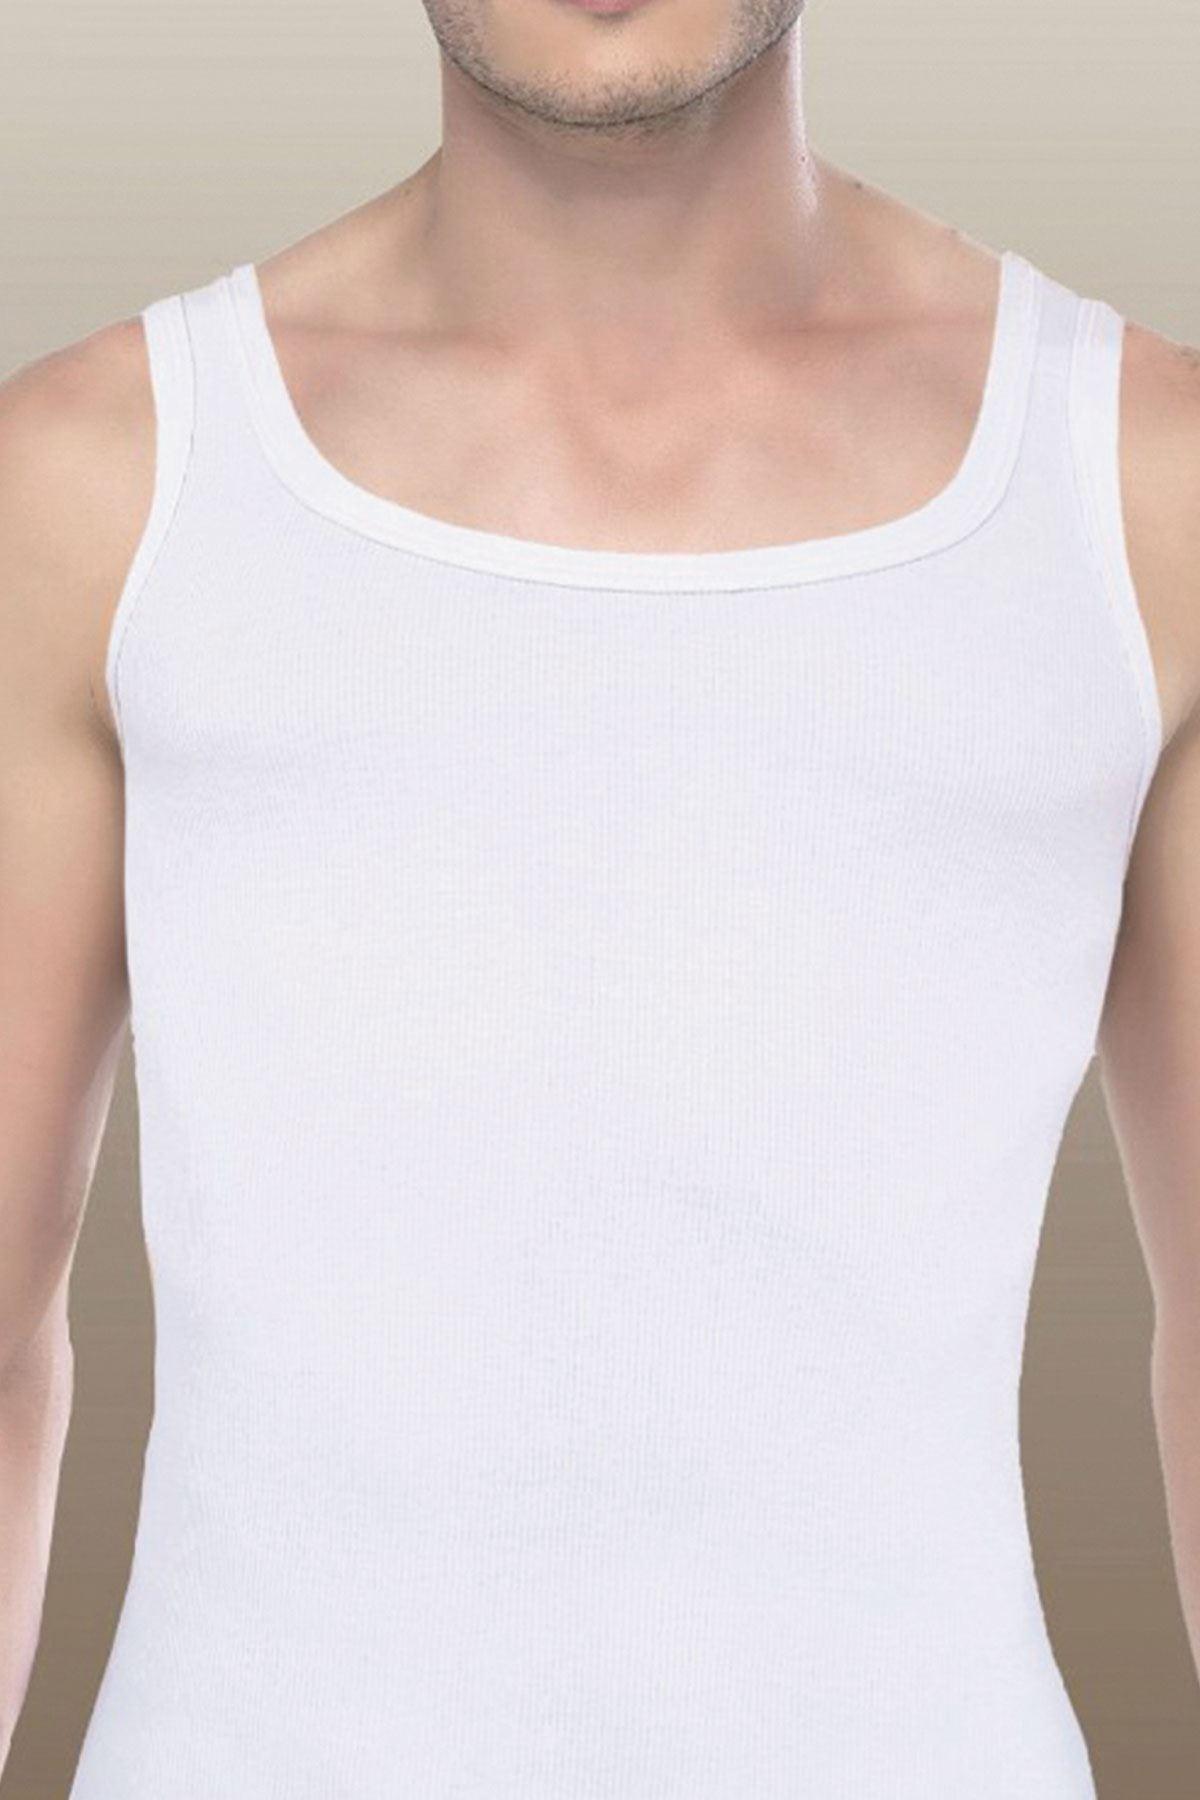 Beyaz Erkek Micro Modal Kaşkorse Fitilli Atlet 908